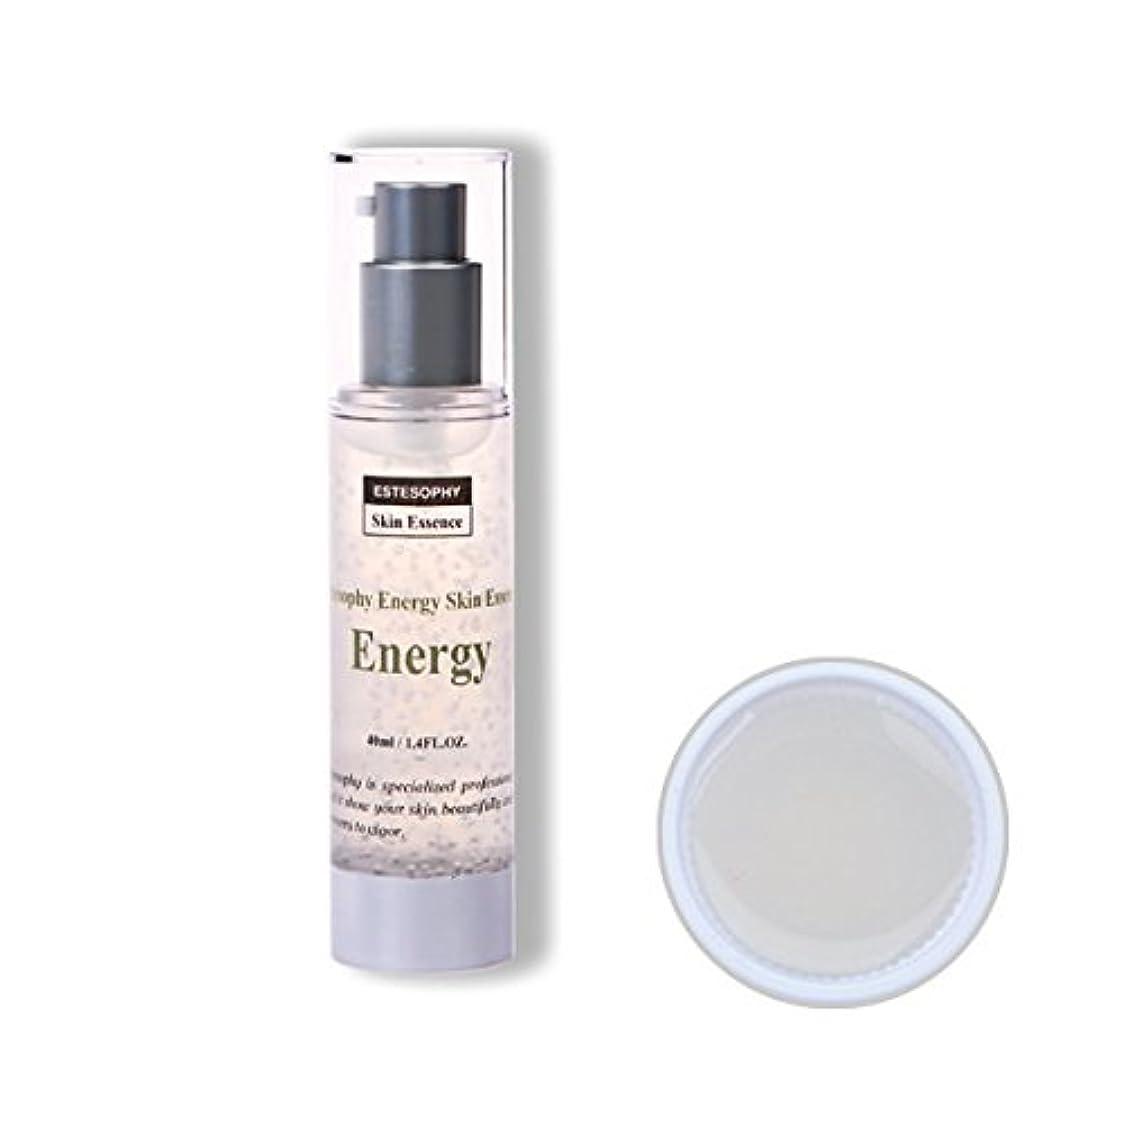 輝度はっきりと新しさエステソフィー エナジー エッセンス 40ml 保湿美容液 業務用